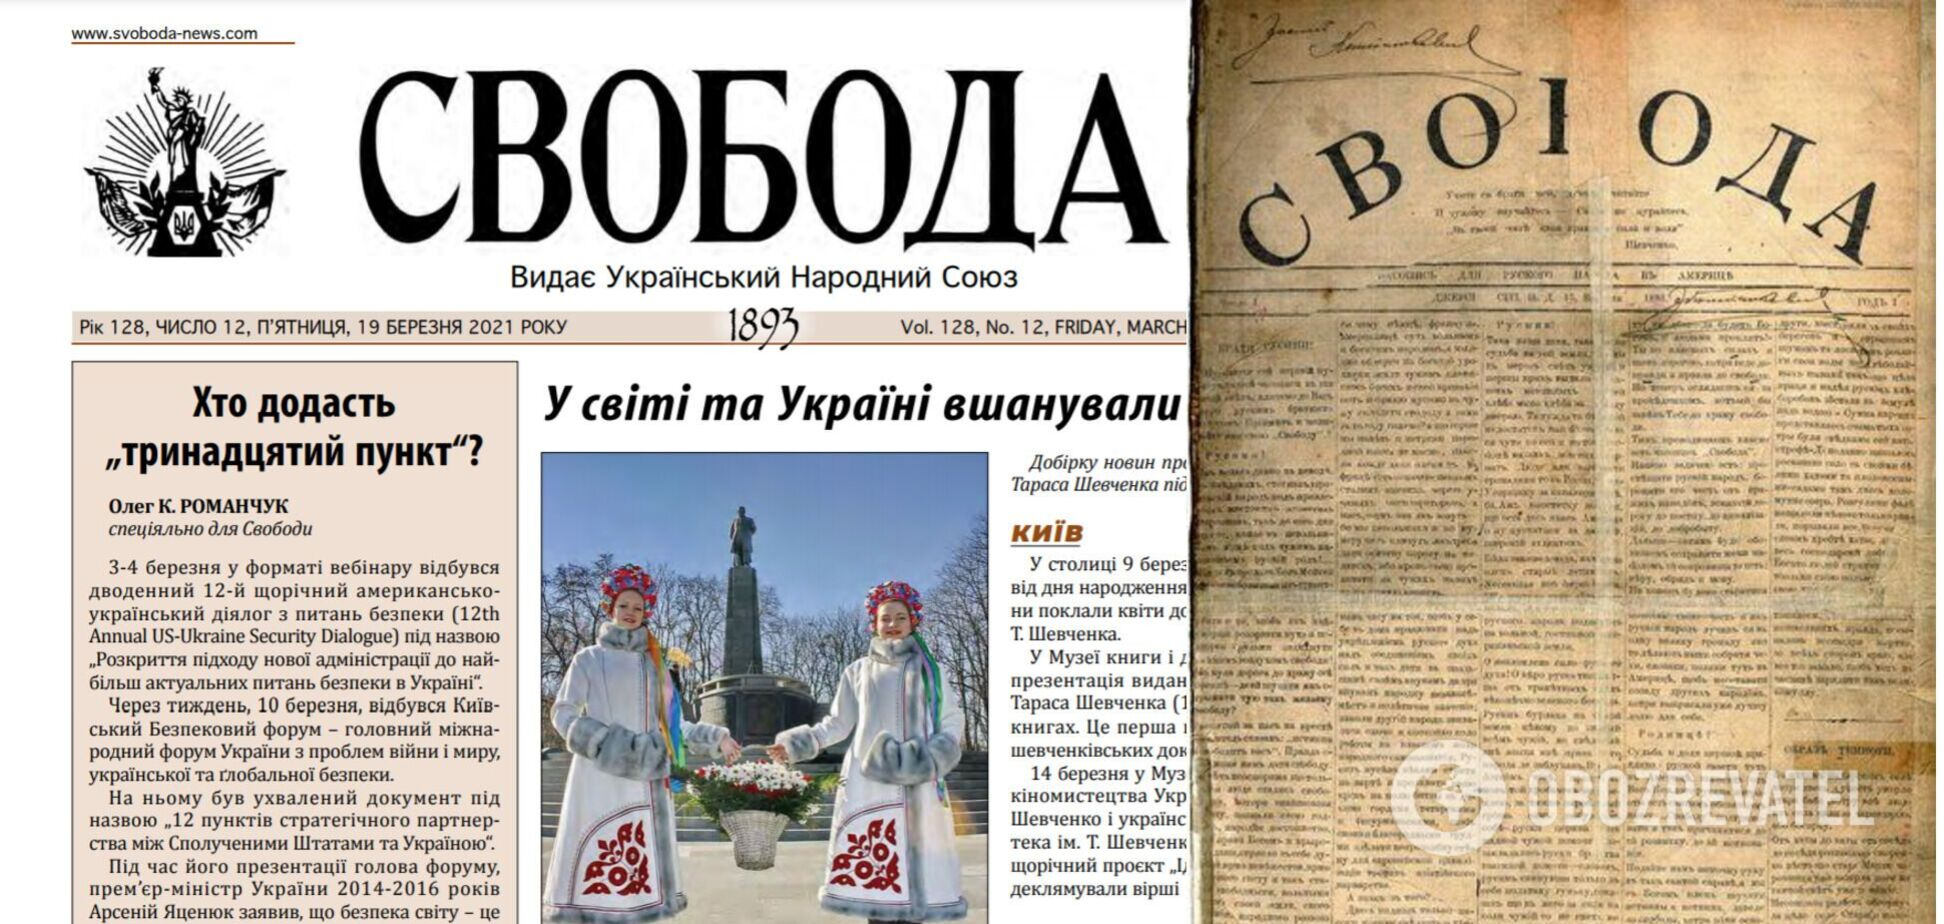 Украиноязычная газета 'Свобода'